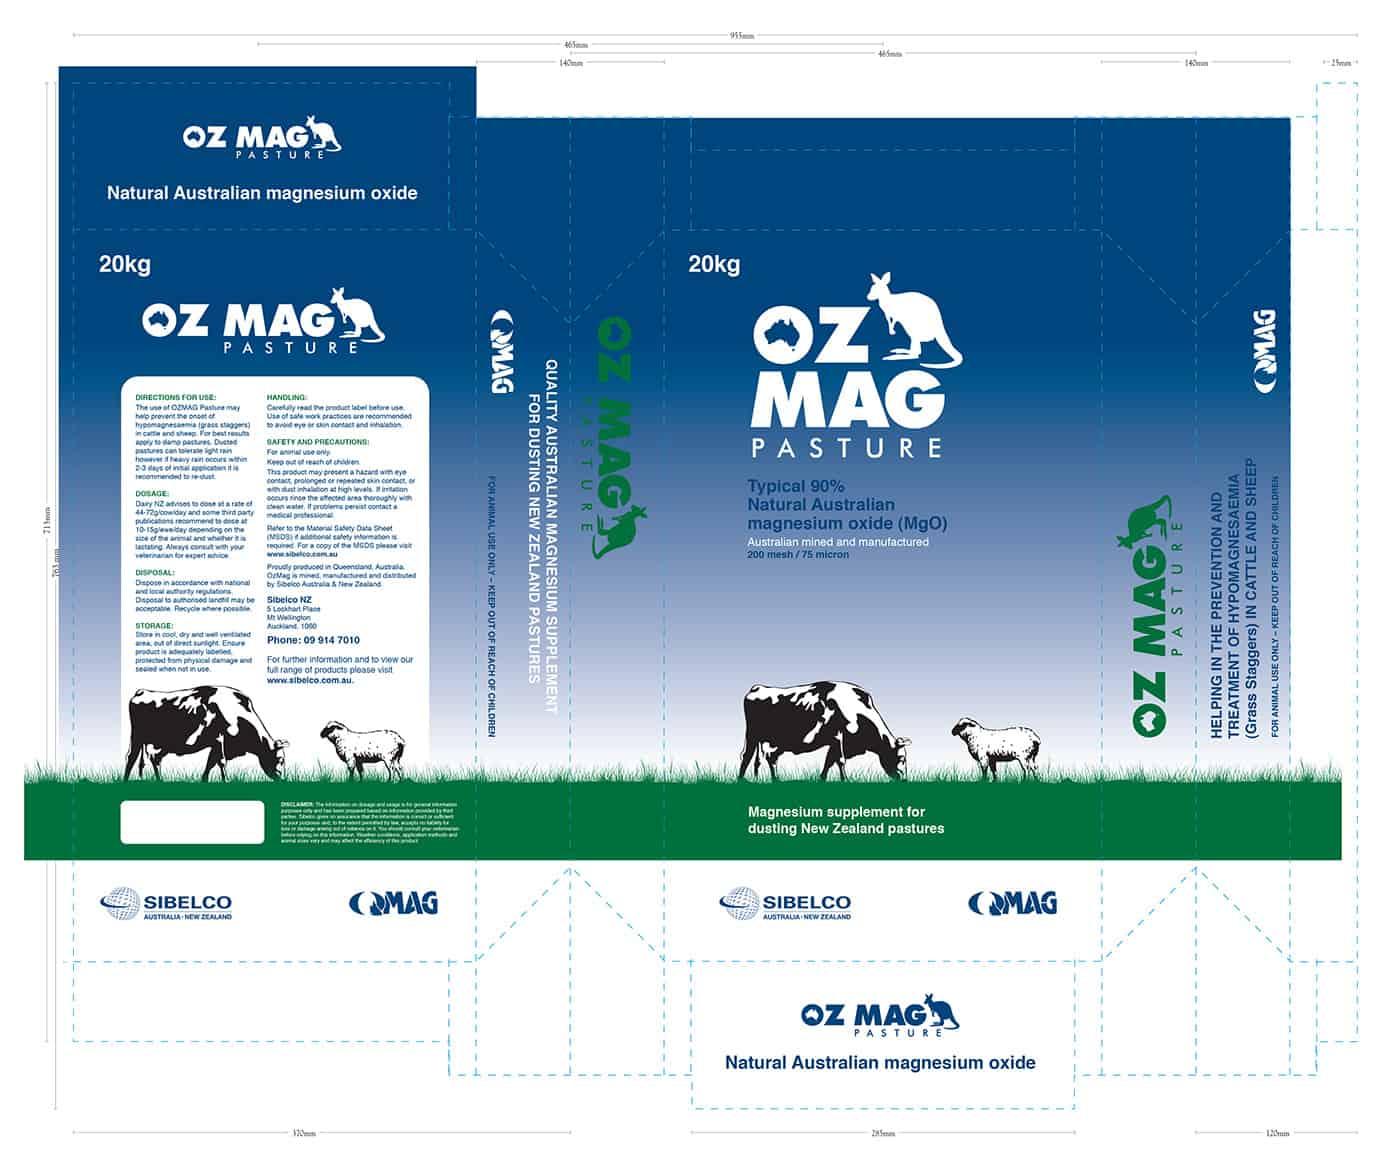 OZMAG Pasture Packaging